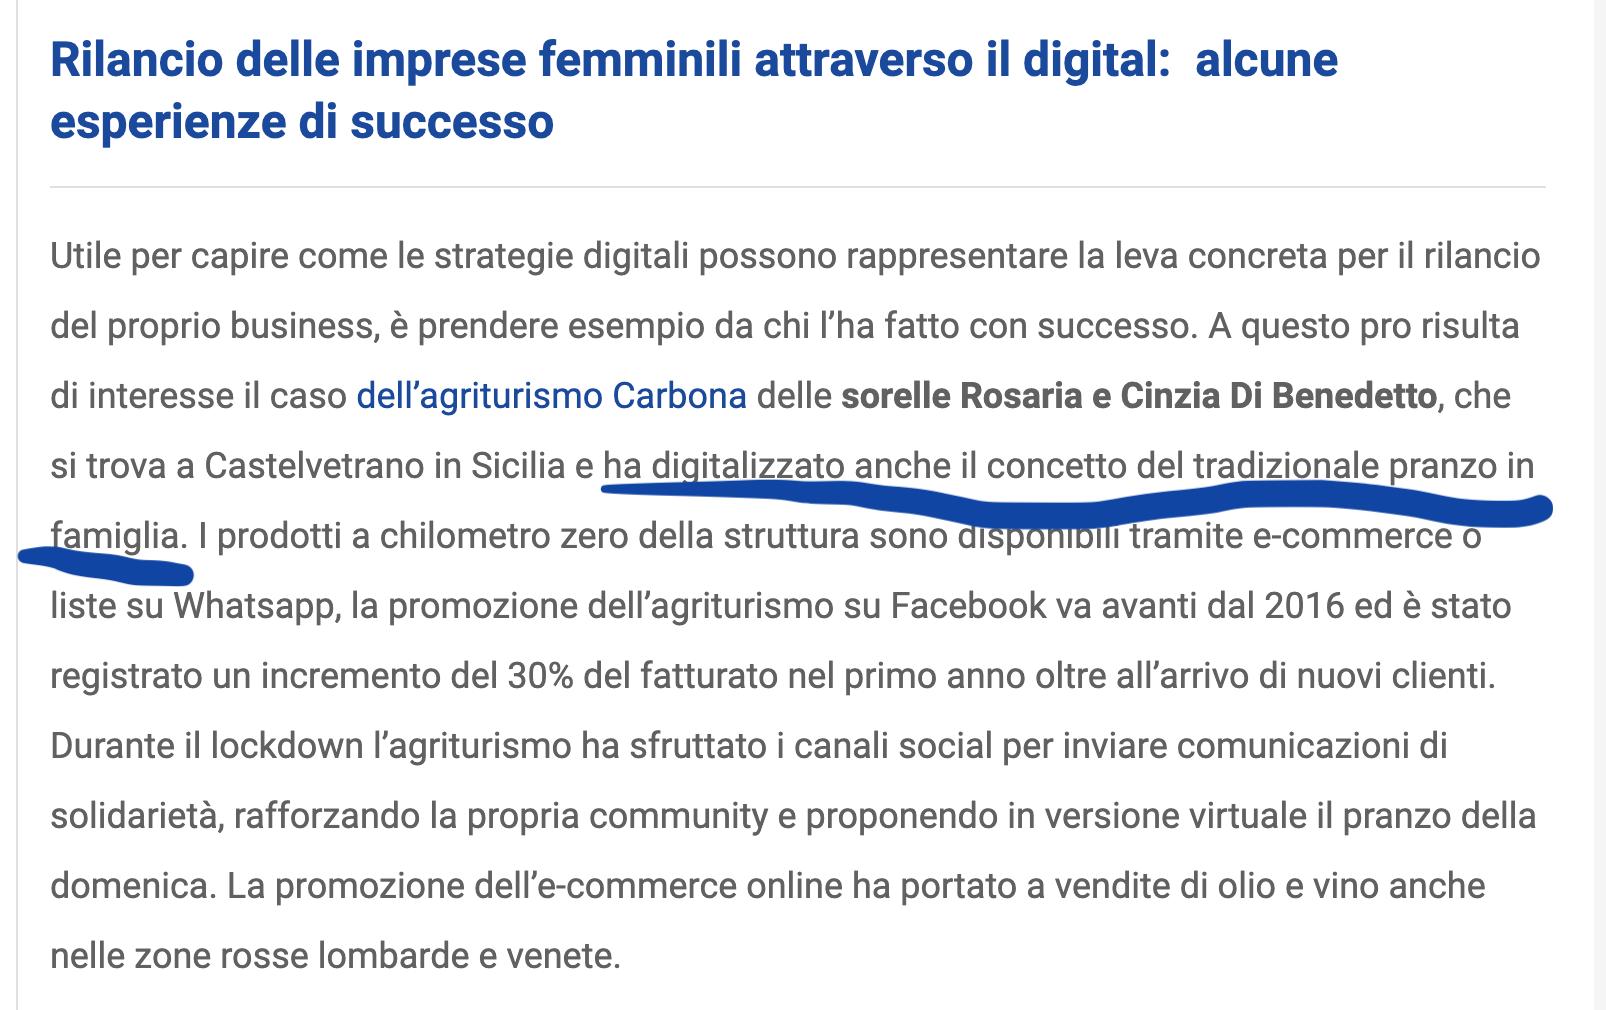 Coronavirus, la situazione delle PMI femminili in Italia e il ruolo del digitale: caso Agriturismo carbona